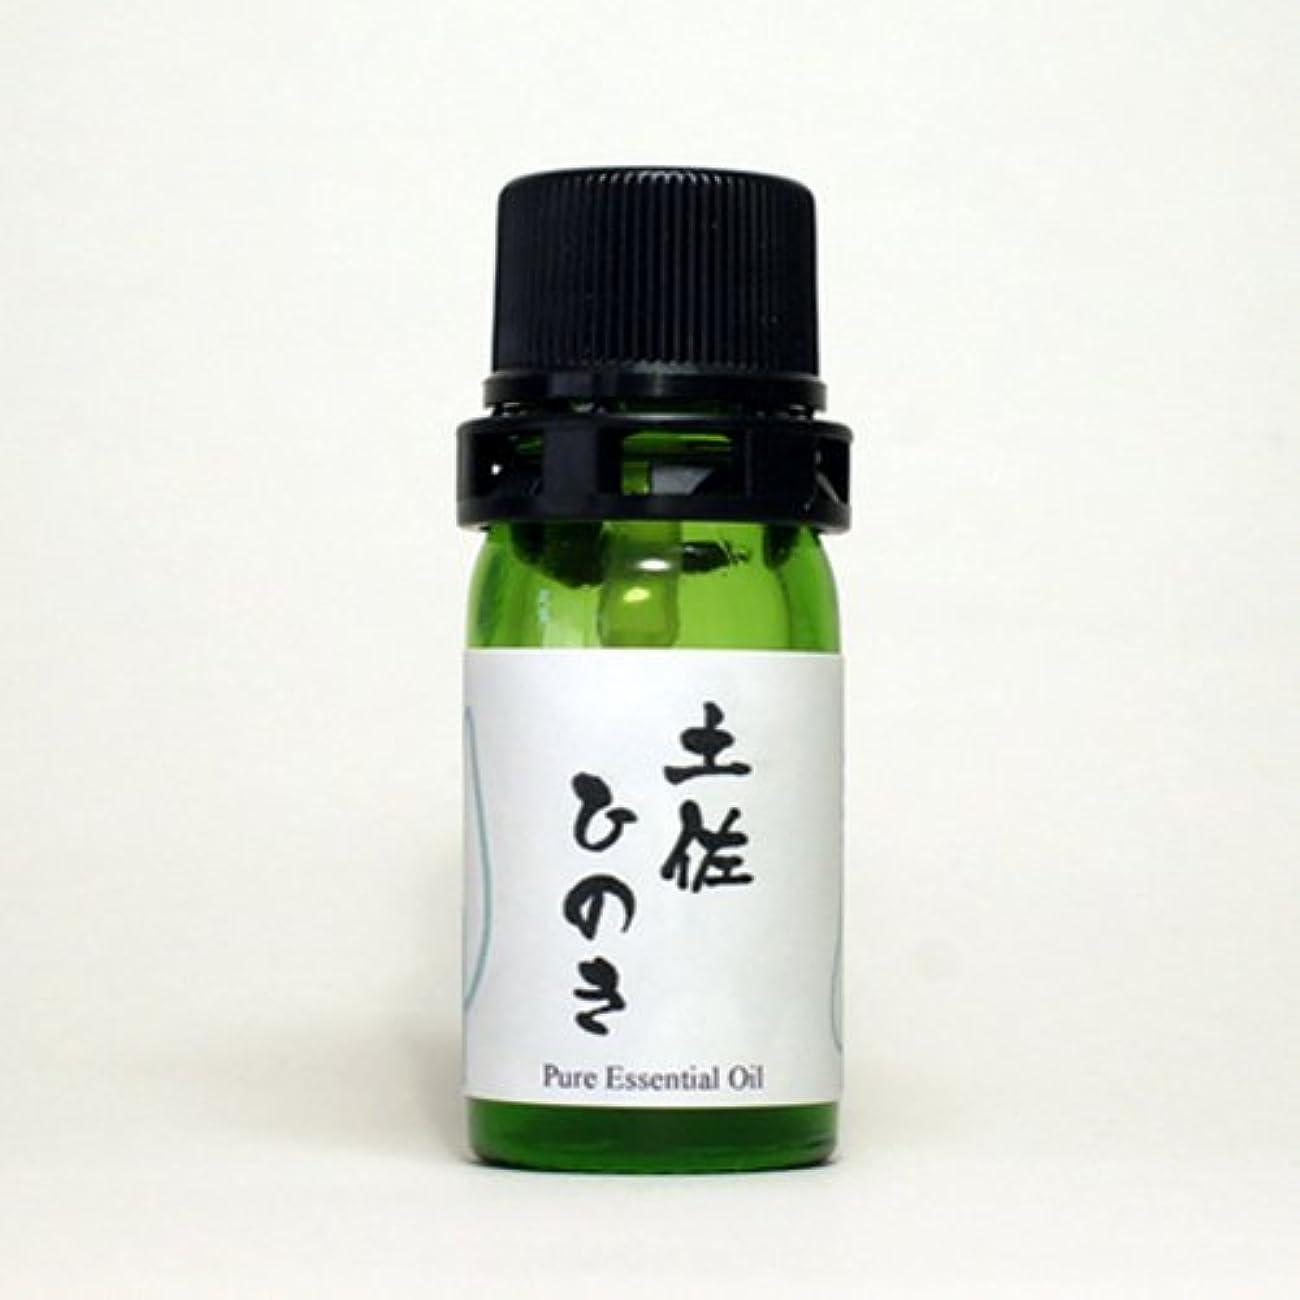 ダーツブレースドック和精油 土佐ひのき(高知県産) エッセンシャルオイル 5ml